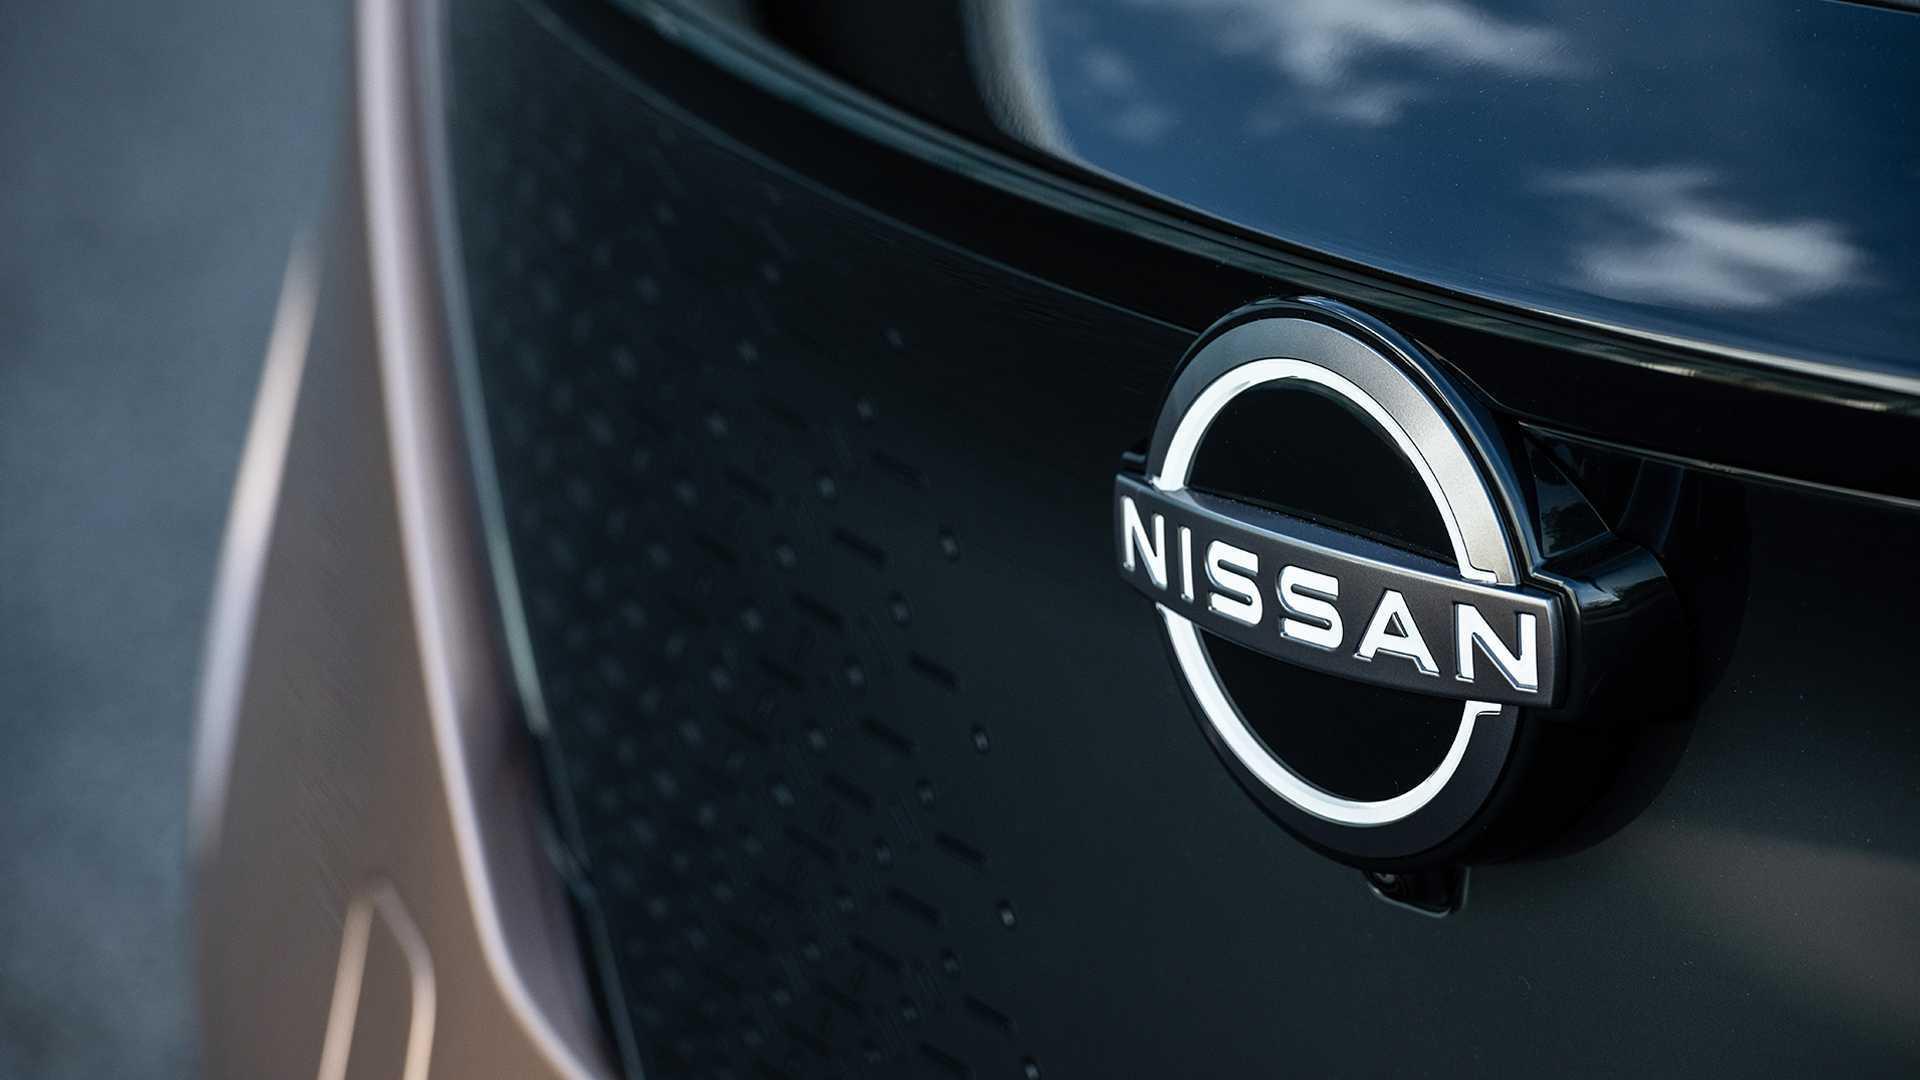 Nissan назвал свои модели устаревшими. В этом виноват Гон